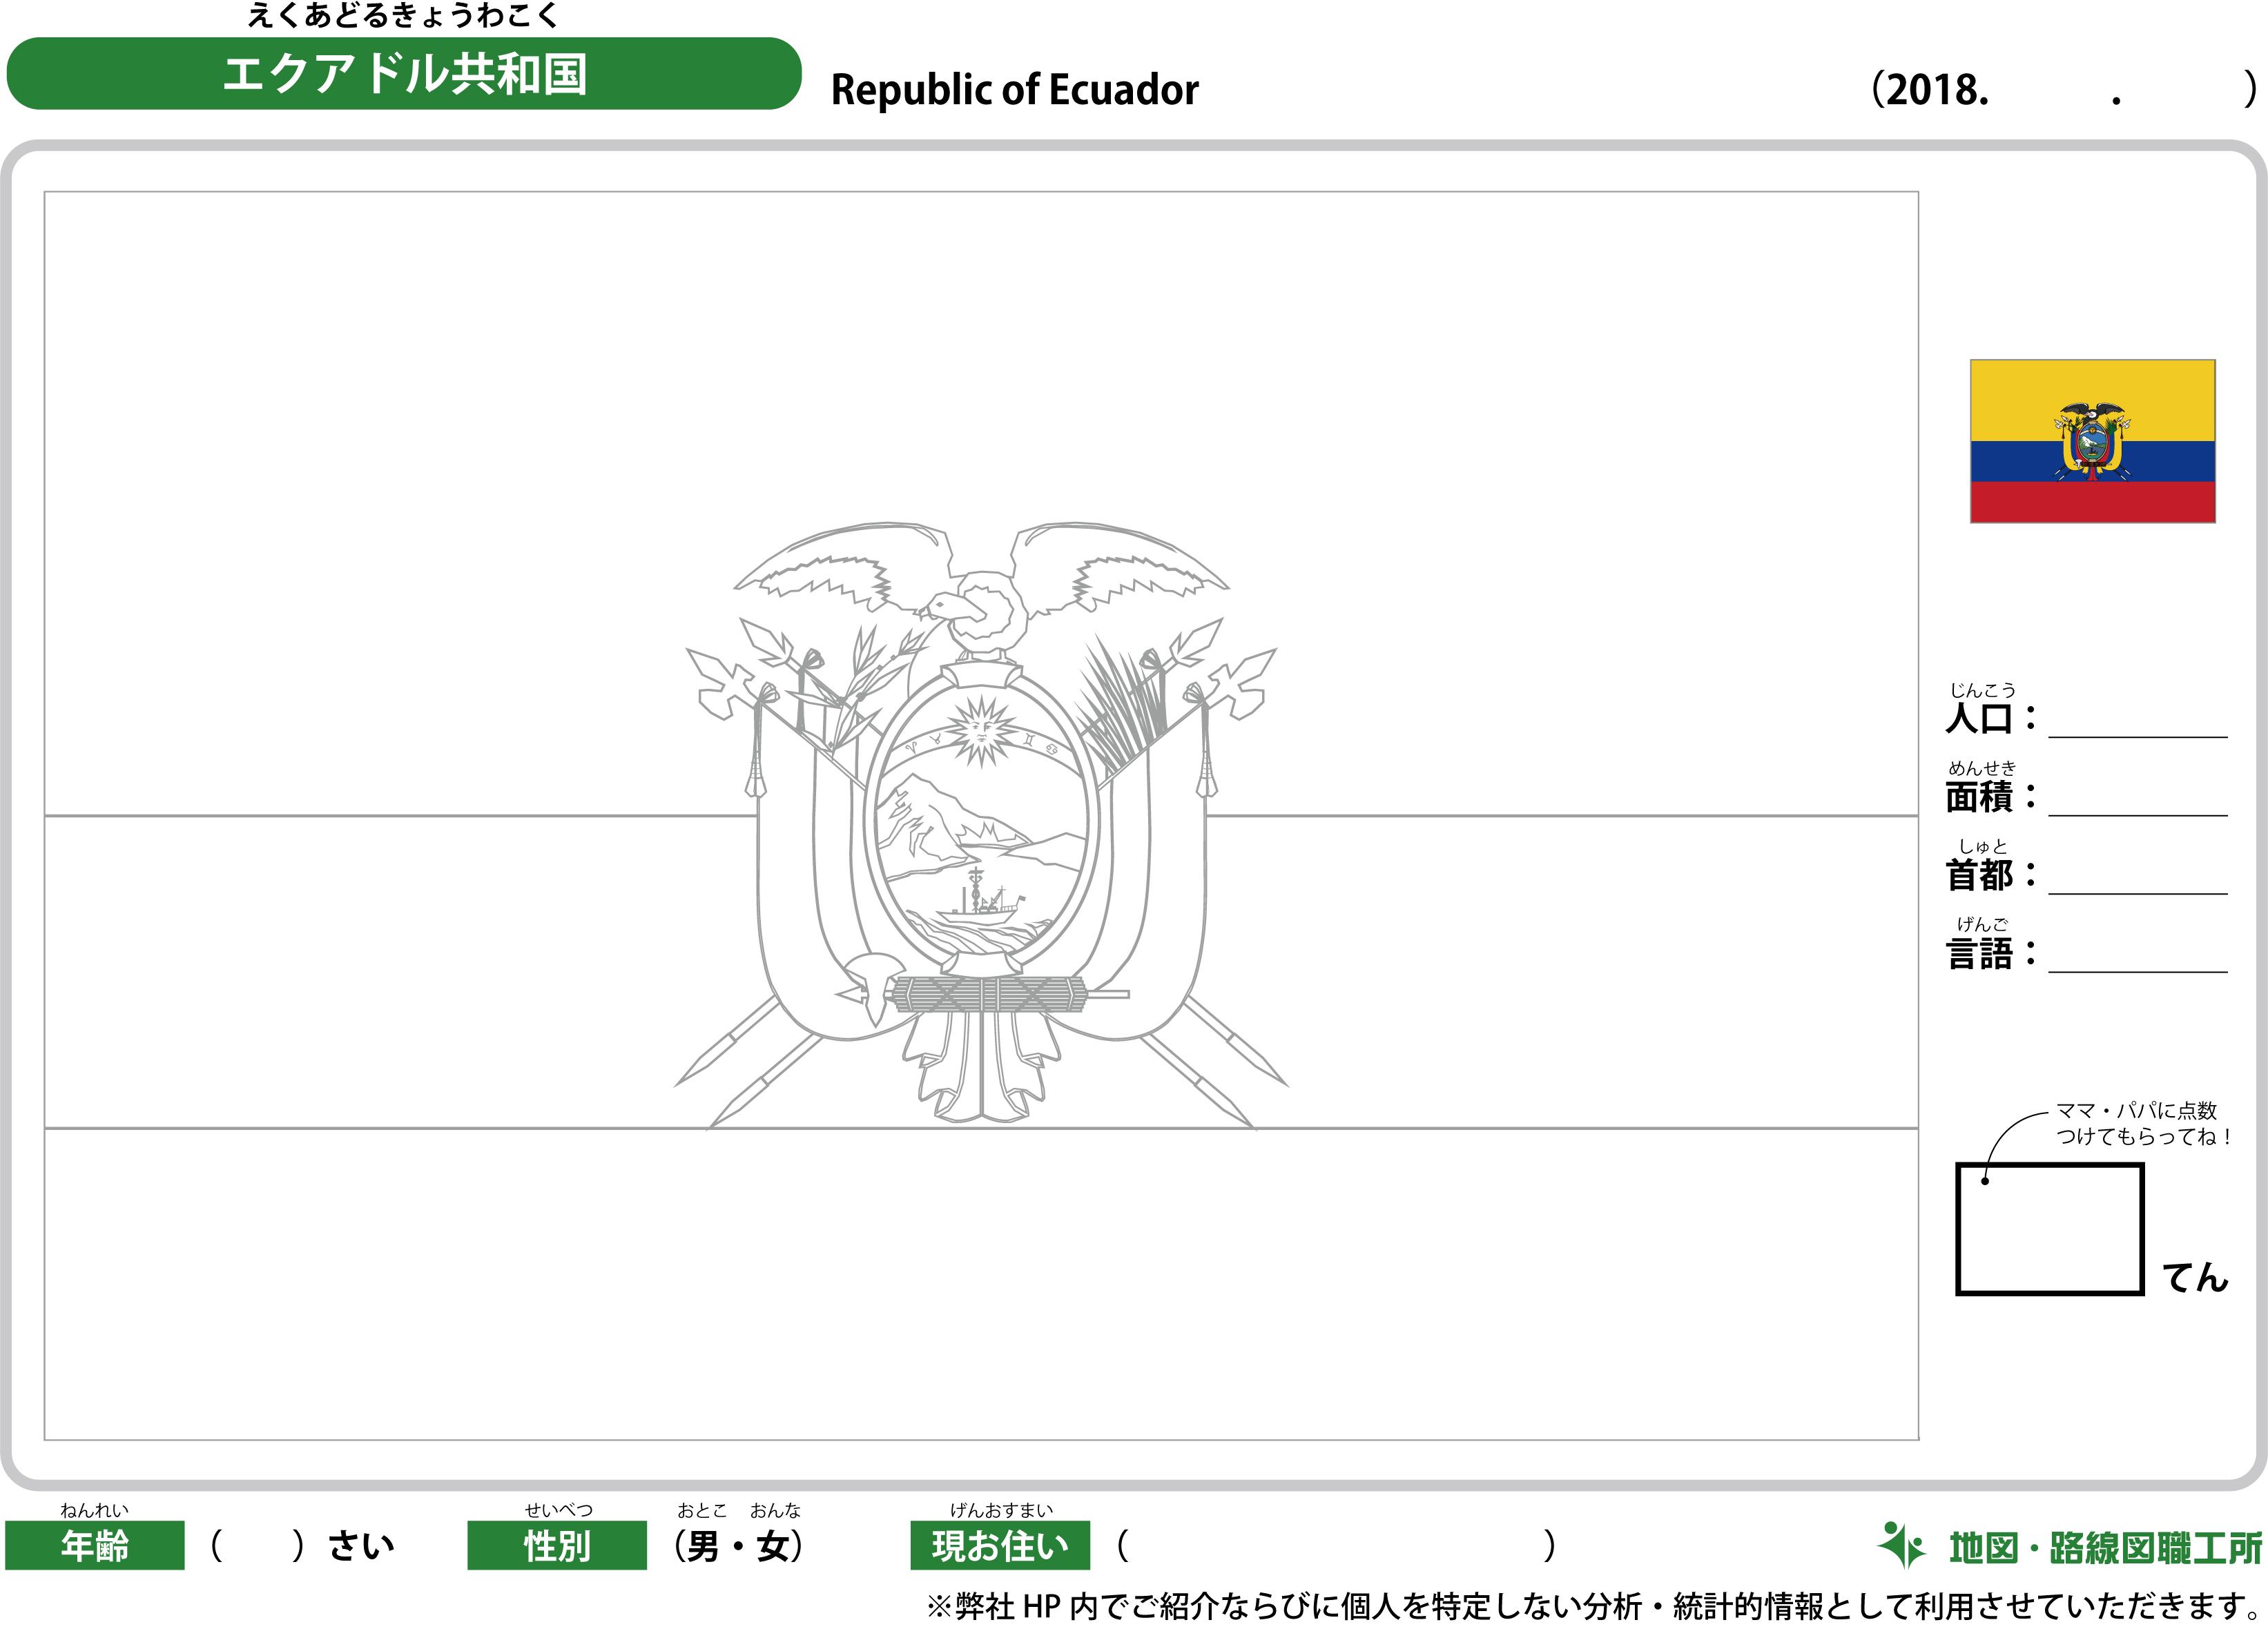 エクアドル共和国